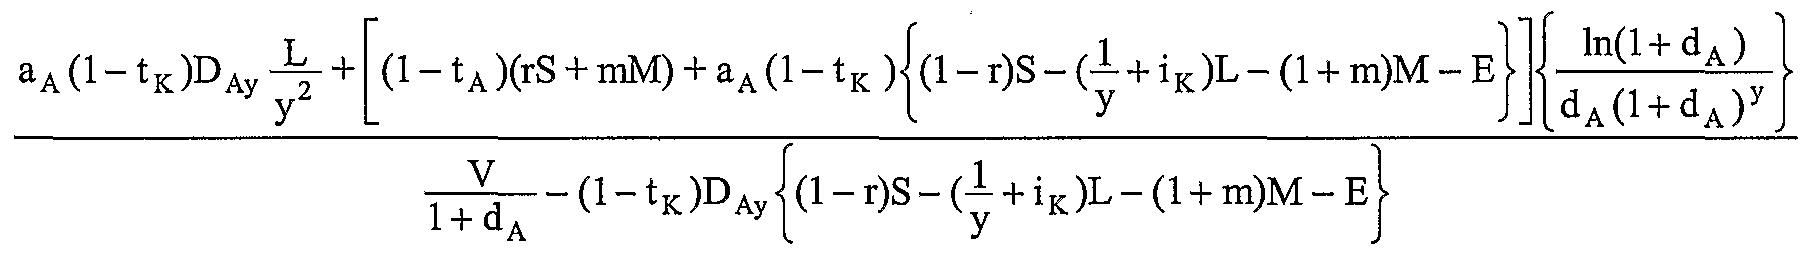 Figure imgf000039_0003